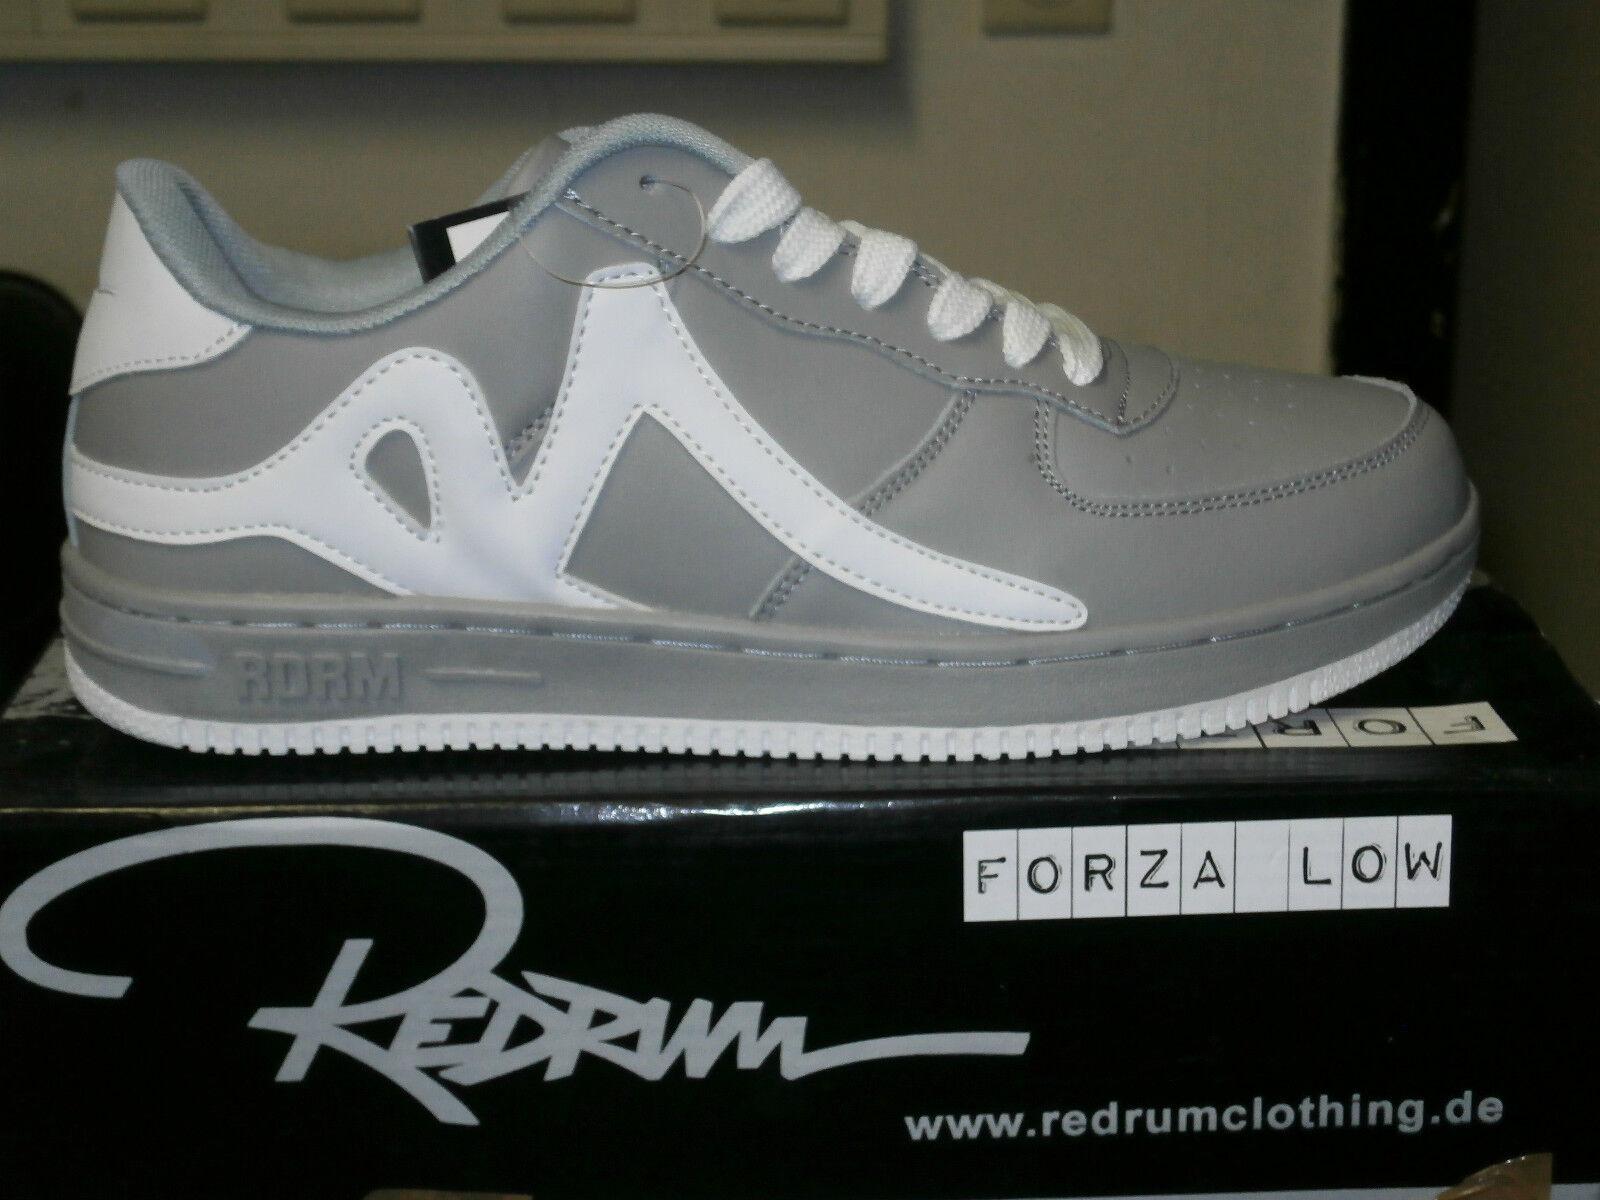 Herren Turnshuhe / Schuhes &Sneakers, ROTrum Airforce US Airforce ROTrum  Sneakers Style LOW 52ac93